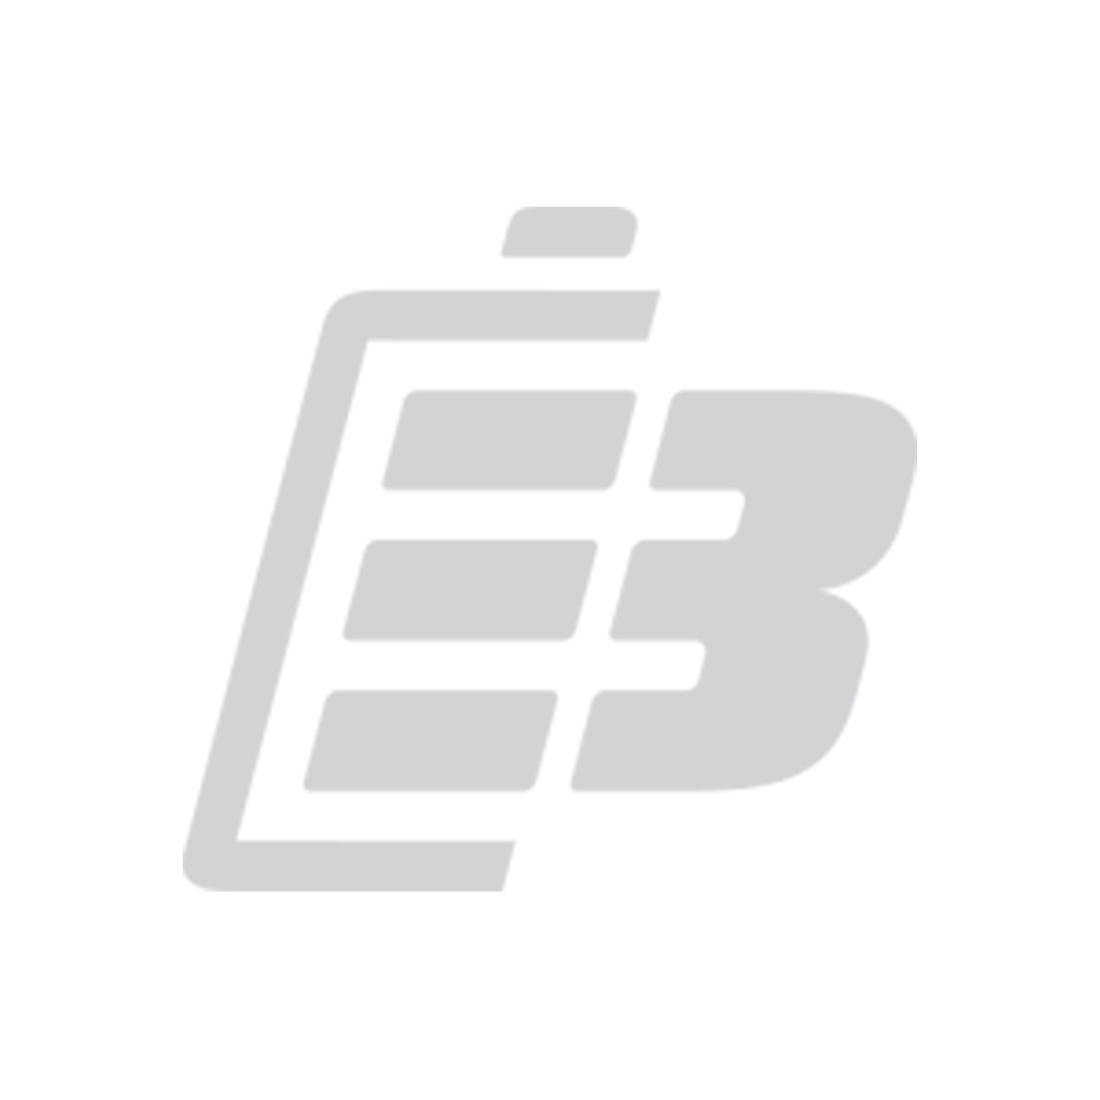 Μπαταρία smartphone Sony Xperia Sola_1